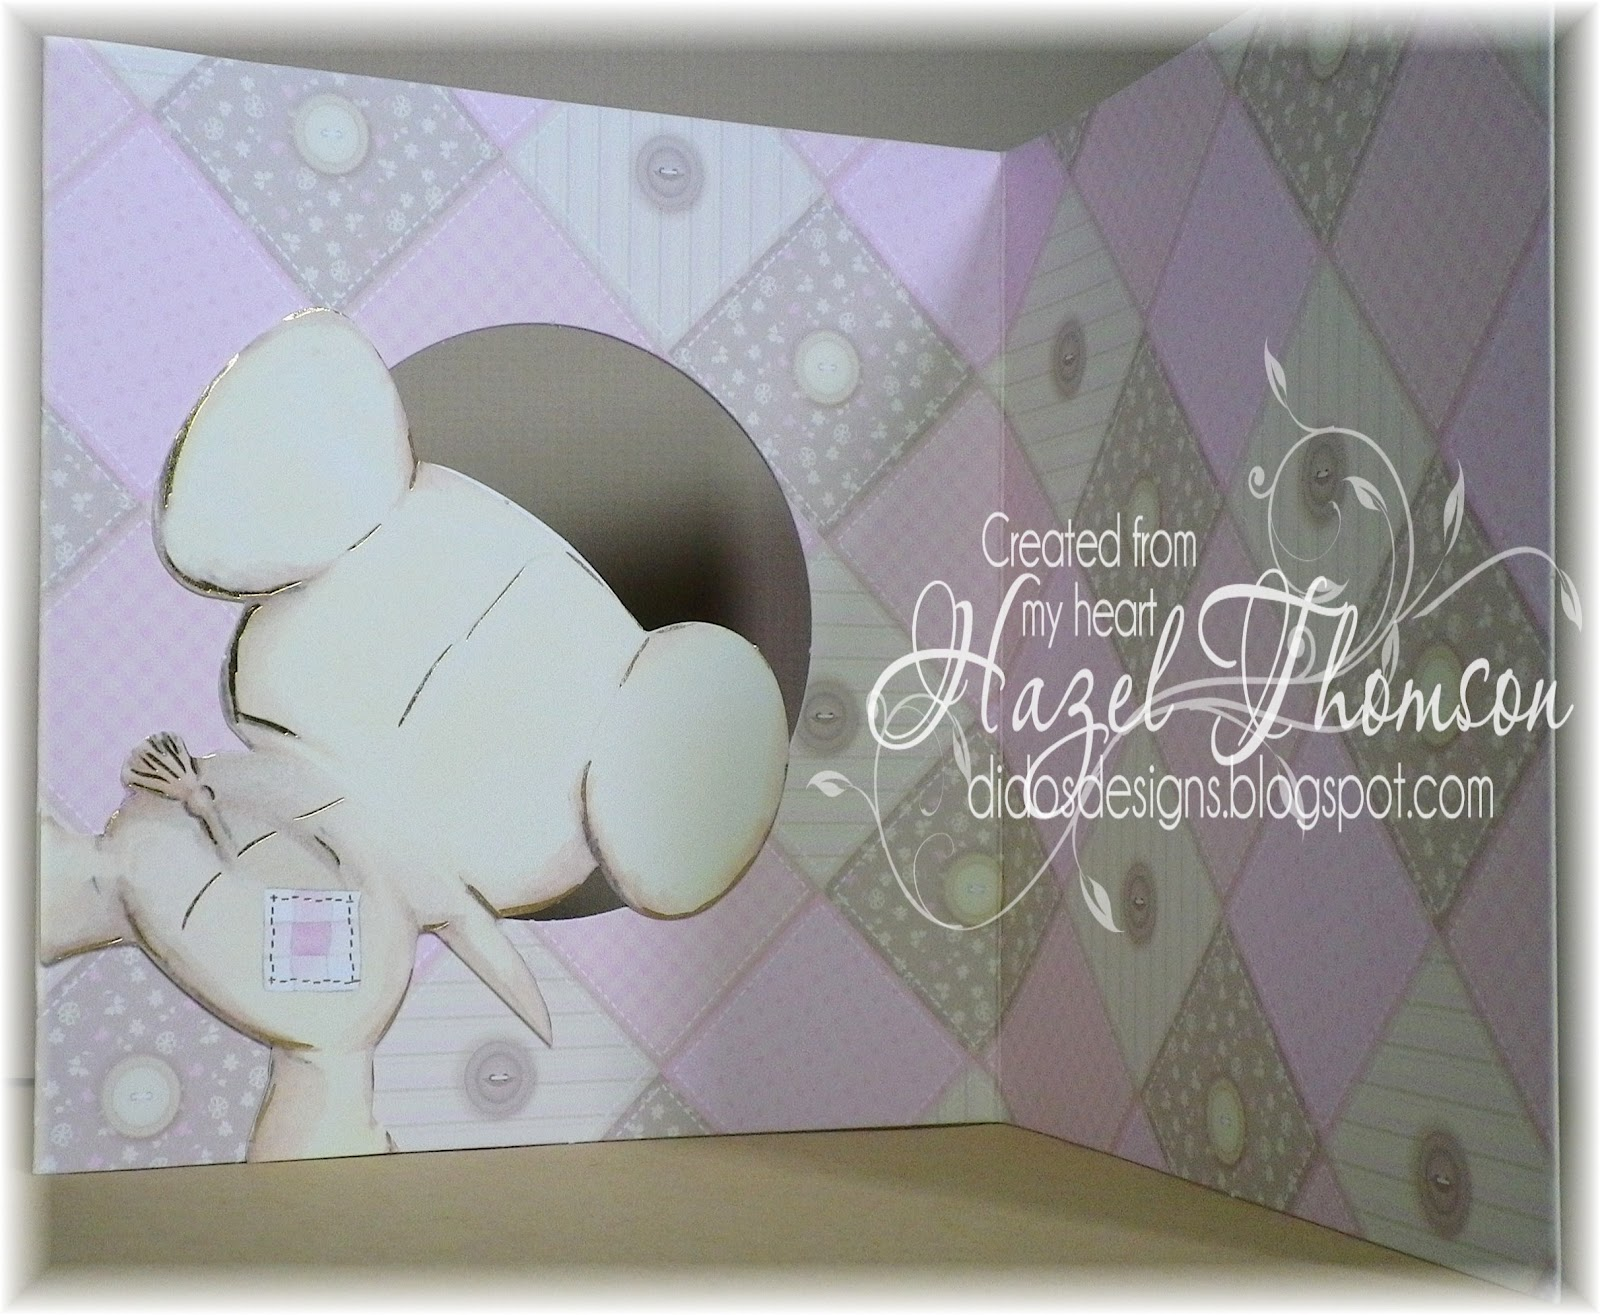 http://1.bp.blogspot.com/-m-MW3v22FaQ/T6ajz072QFI/AAAAAAAAHEw/aQU13F8MkGs/s1600/Cards+By+Dido\'s+Designs+011.JPG